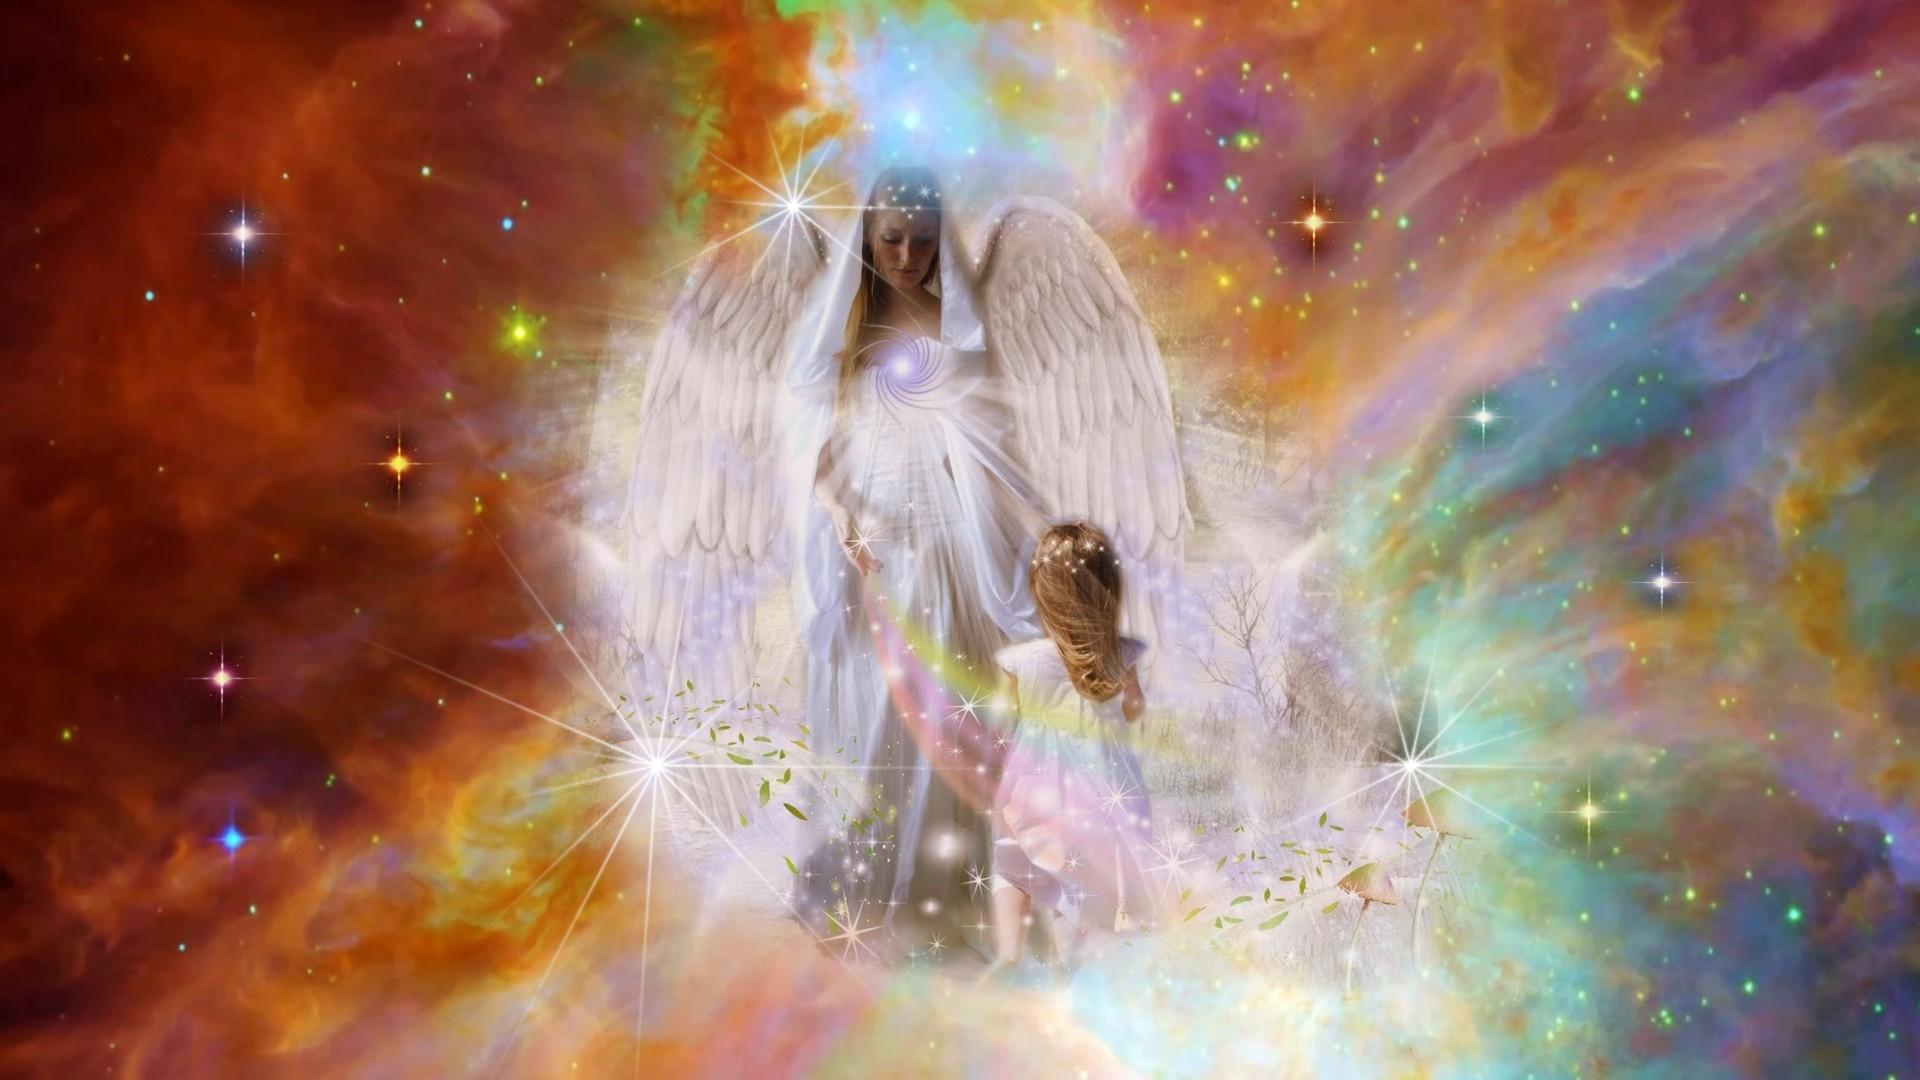 Source URL httpwwwpicstopincom1008angels wallpaper desktop 1920x1080